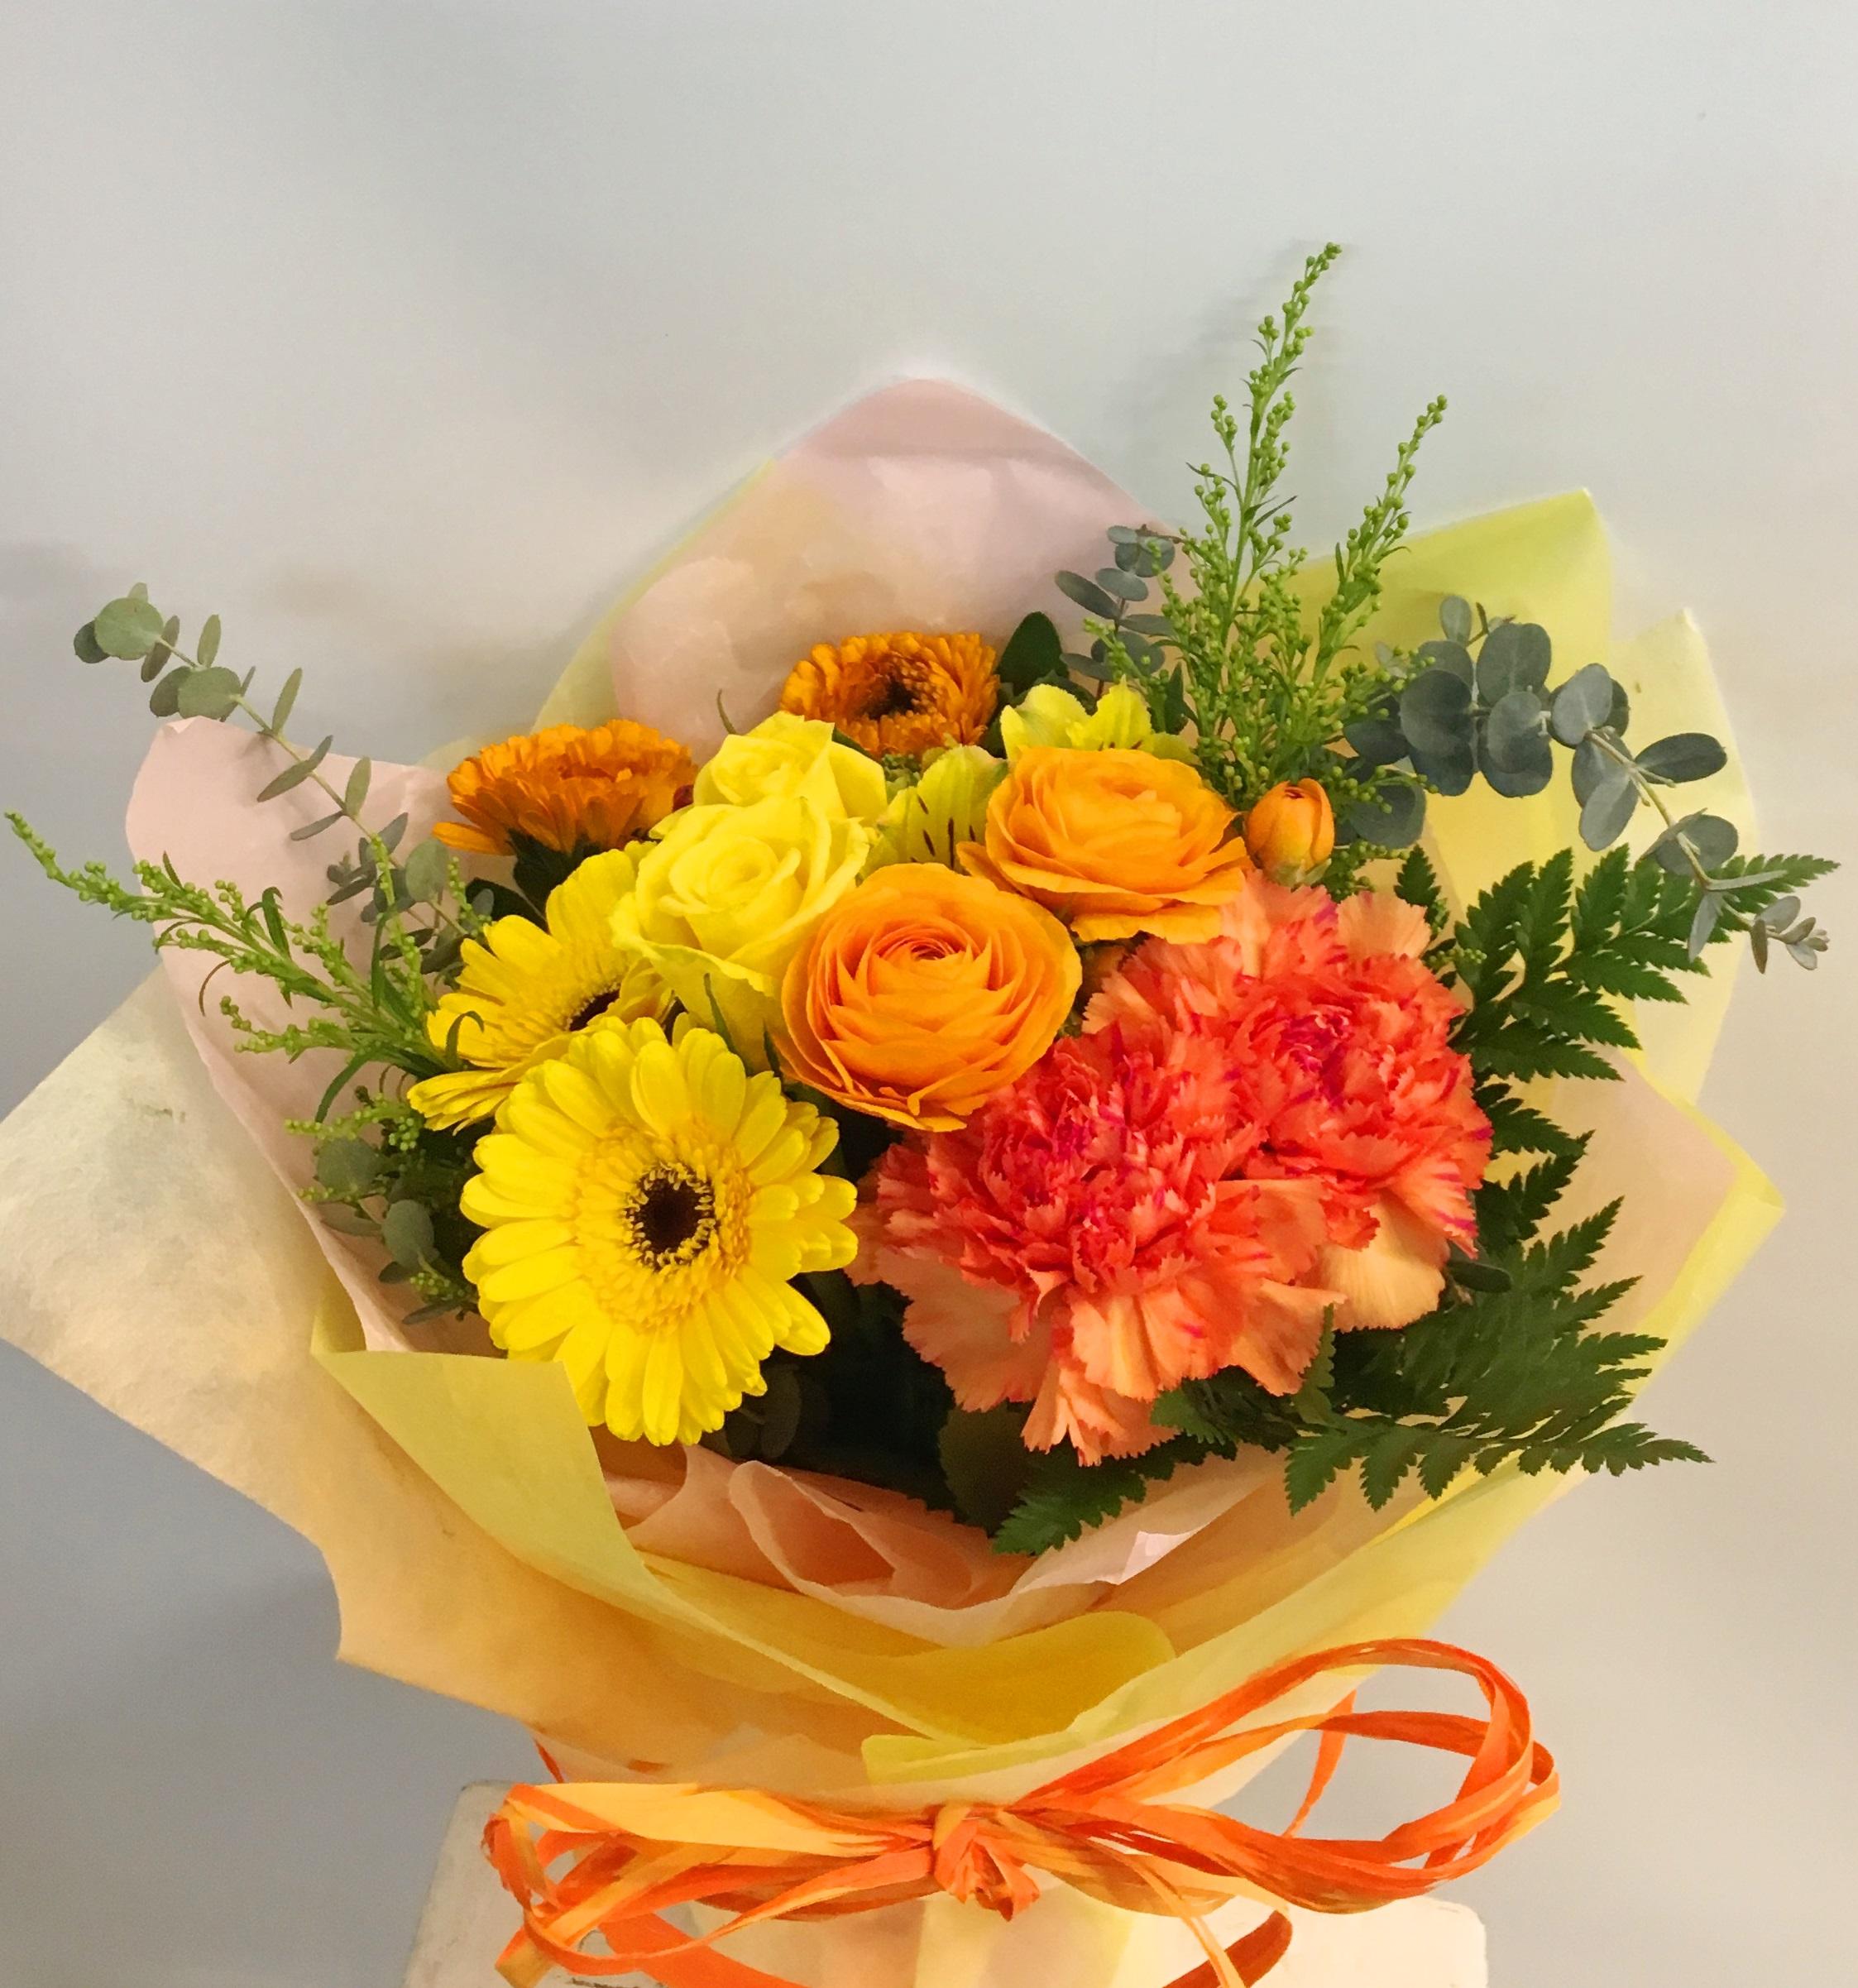 横浜市関内のパブ・ラウンジへスタンド花を即日当日配達しました!【横浜花屋の花束・スタンド花・胡蝶蘭・バルーン・アレンジメント配達事例283】